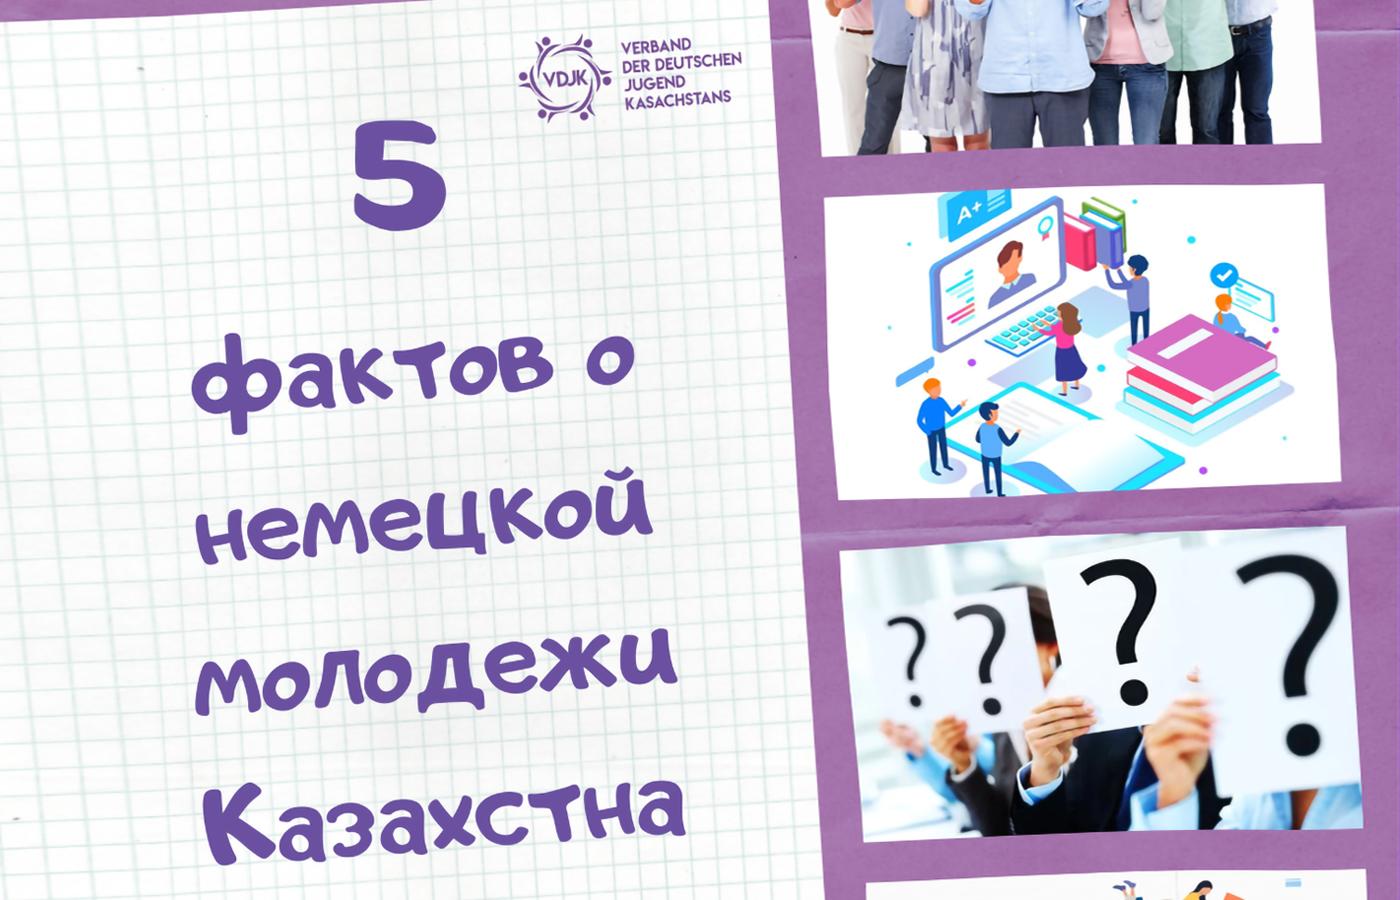 5 фактов о немецкой молодёжи Казахстана